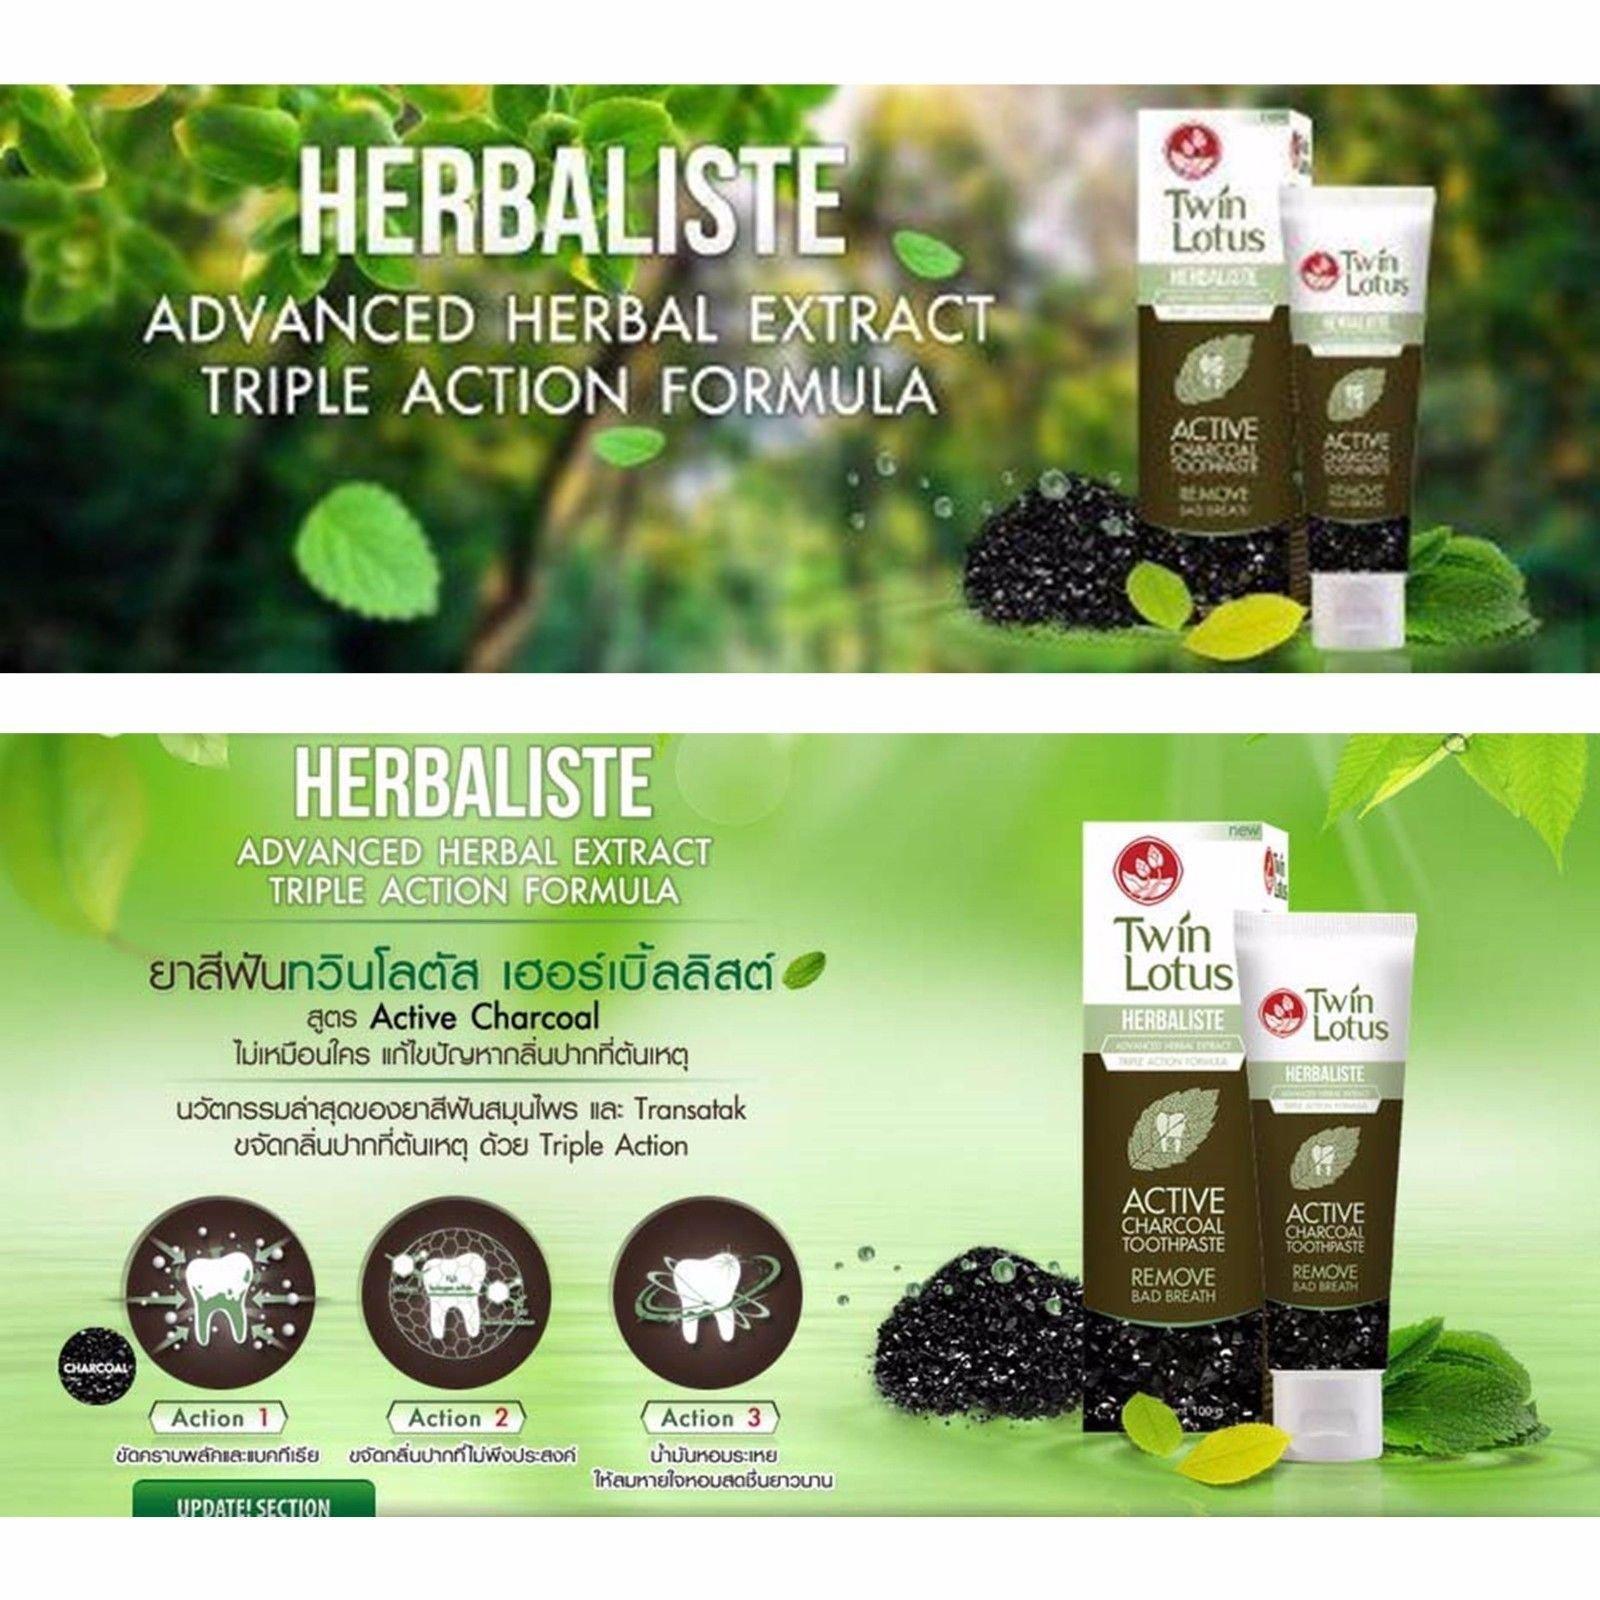 Twin Lotus Charcoal Toothpaste [50g] Thai Herb Herbaliste Bad Breath Teeth Clean by worashop